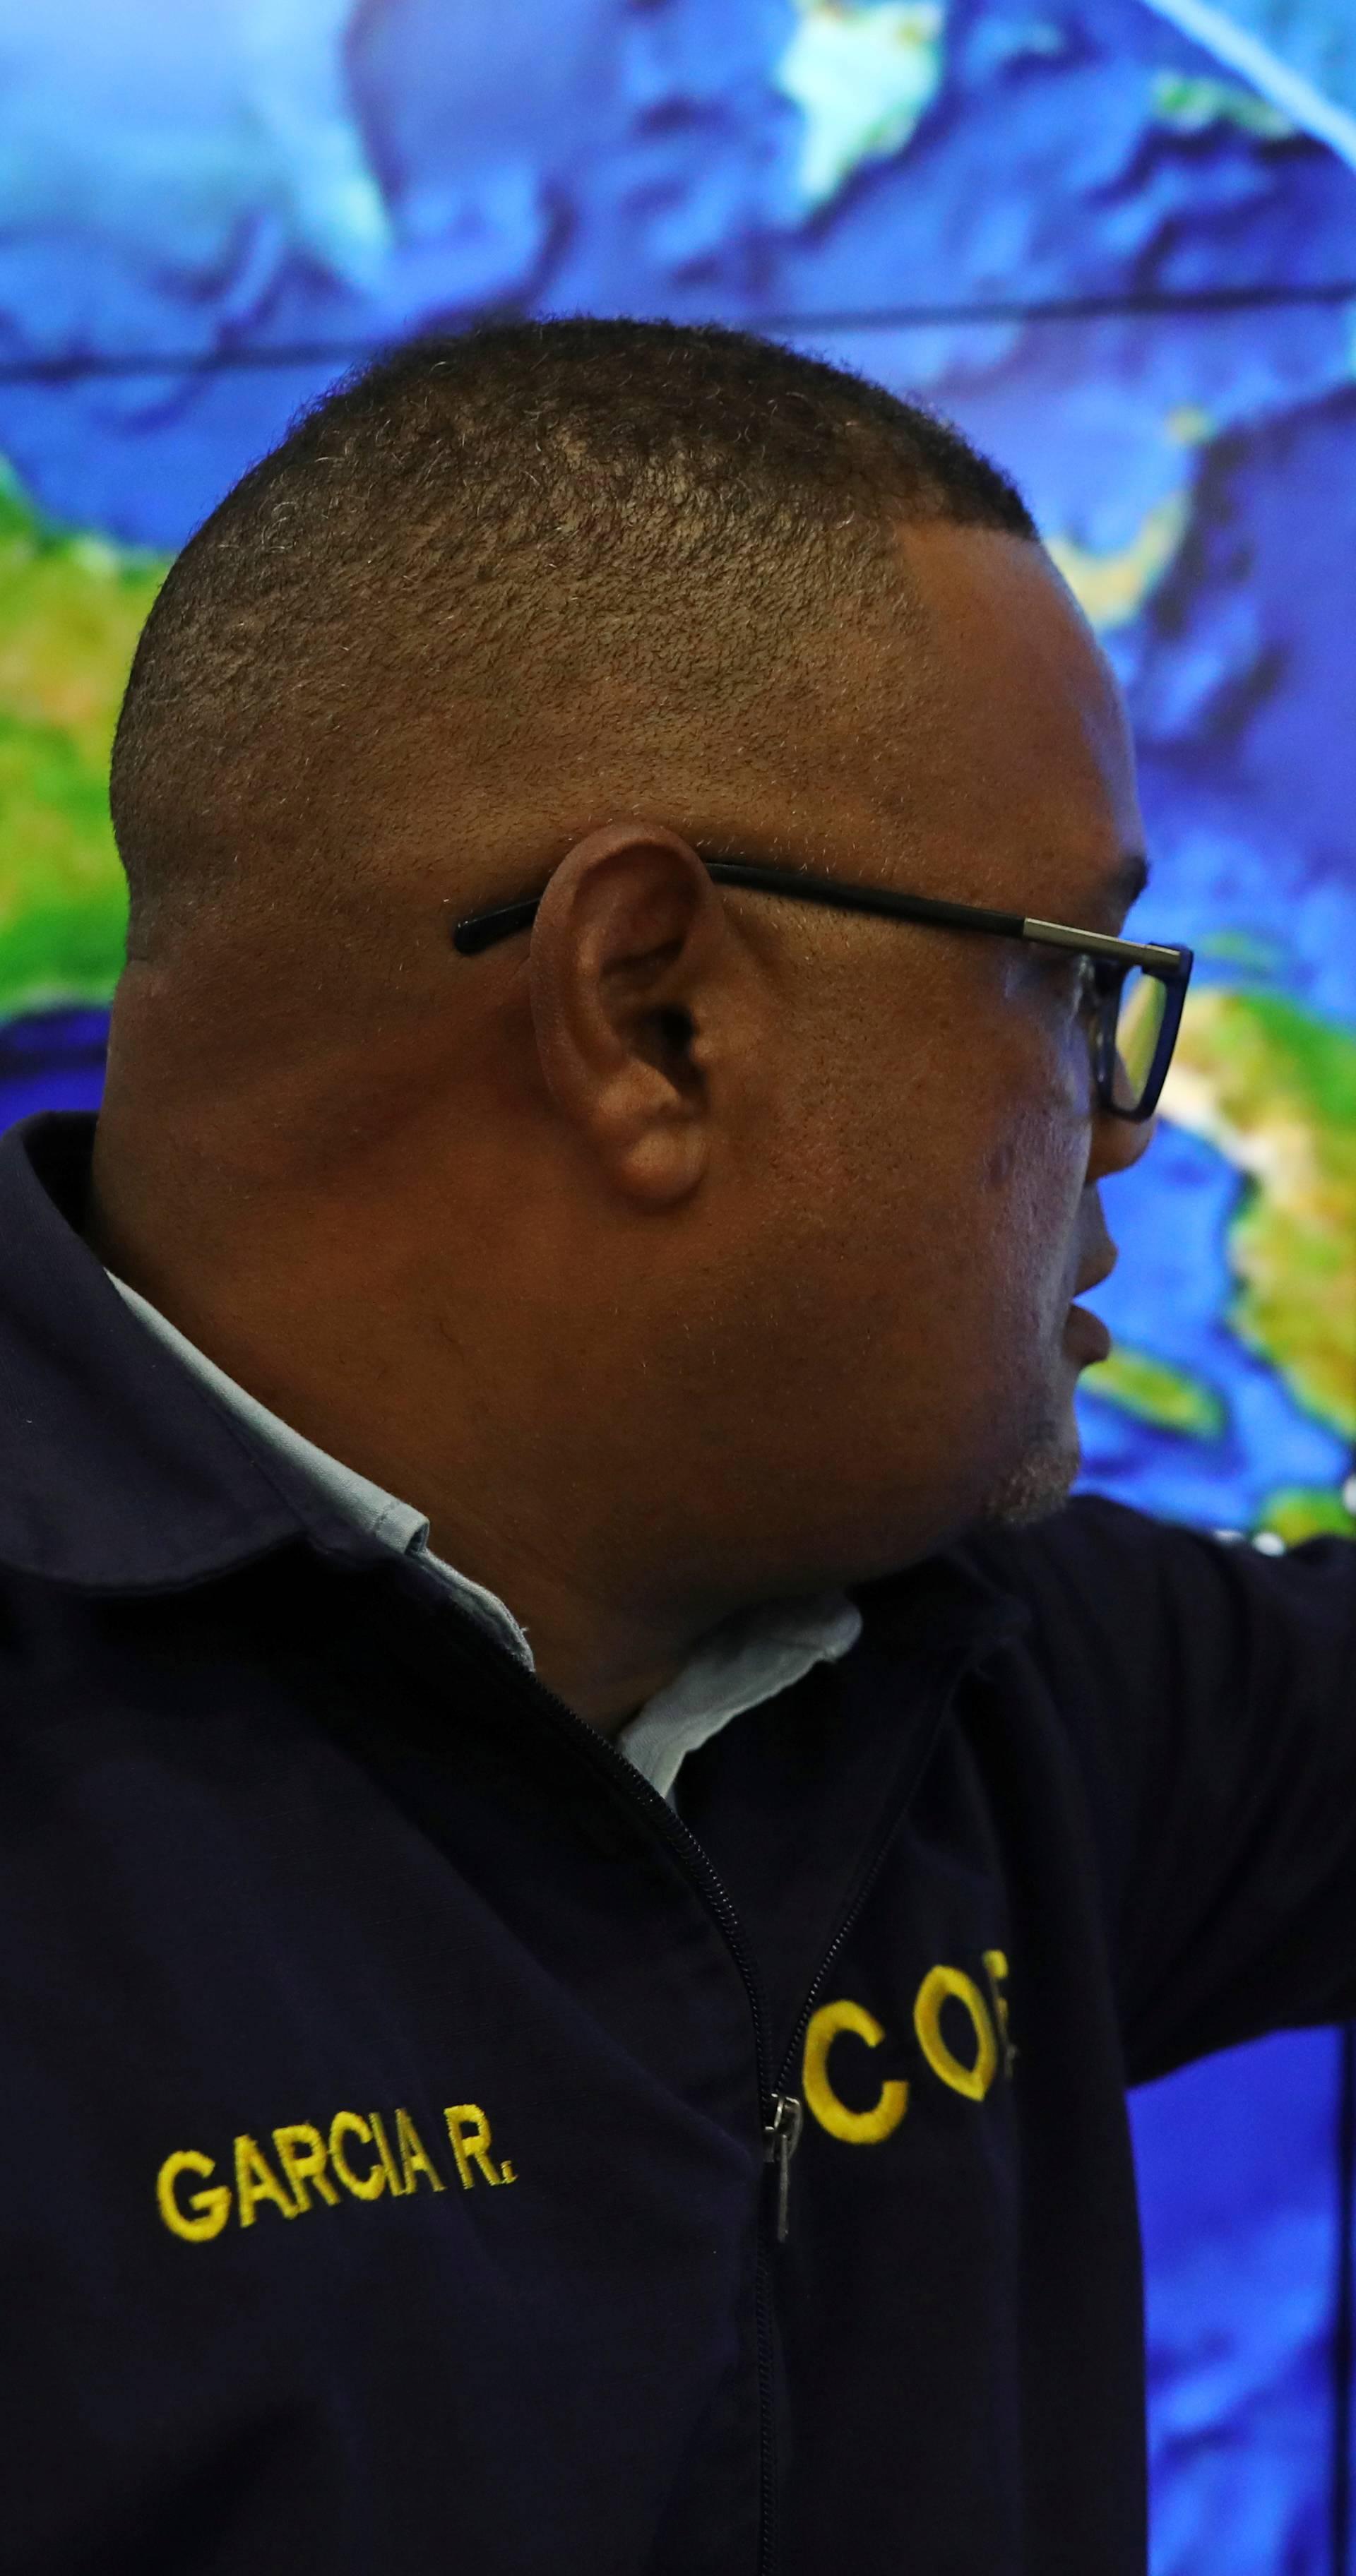 Uragan Dorian ojačao je do 4. kategorije, približava se Floridi